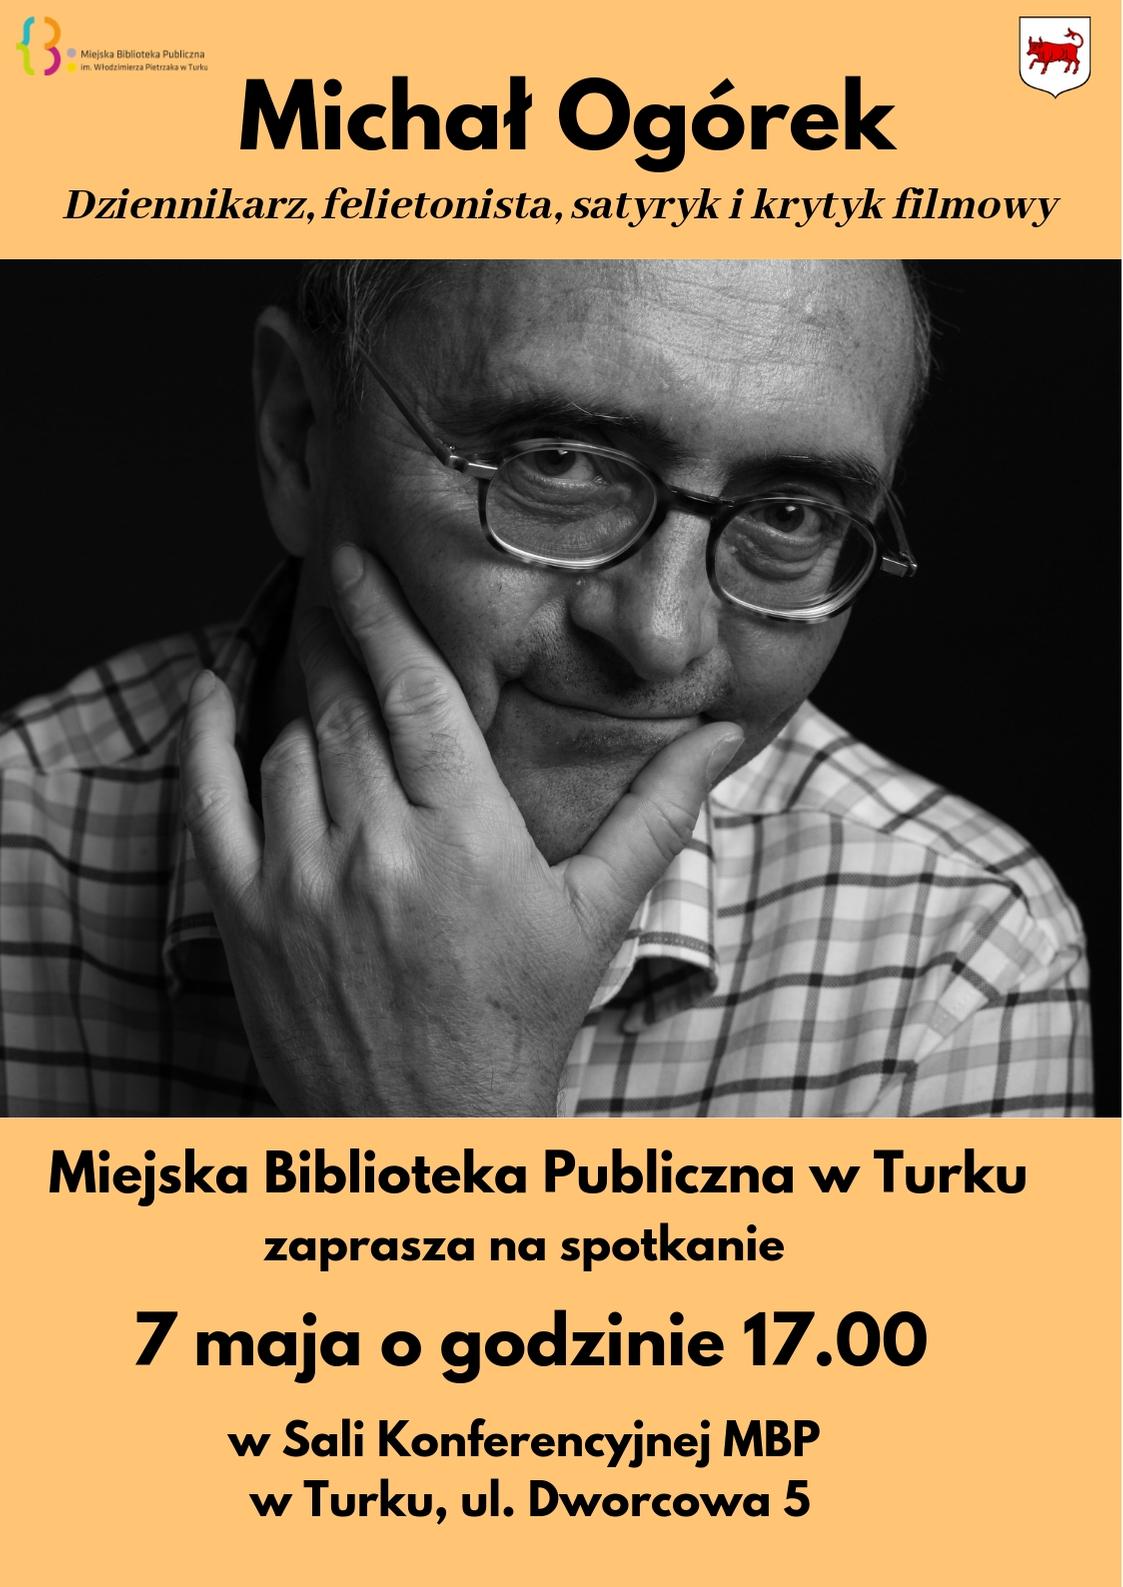 Czytaj więcej o: Michał Ogórek odwiedzi turkowską Bibliotekę